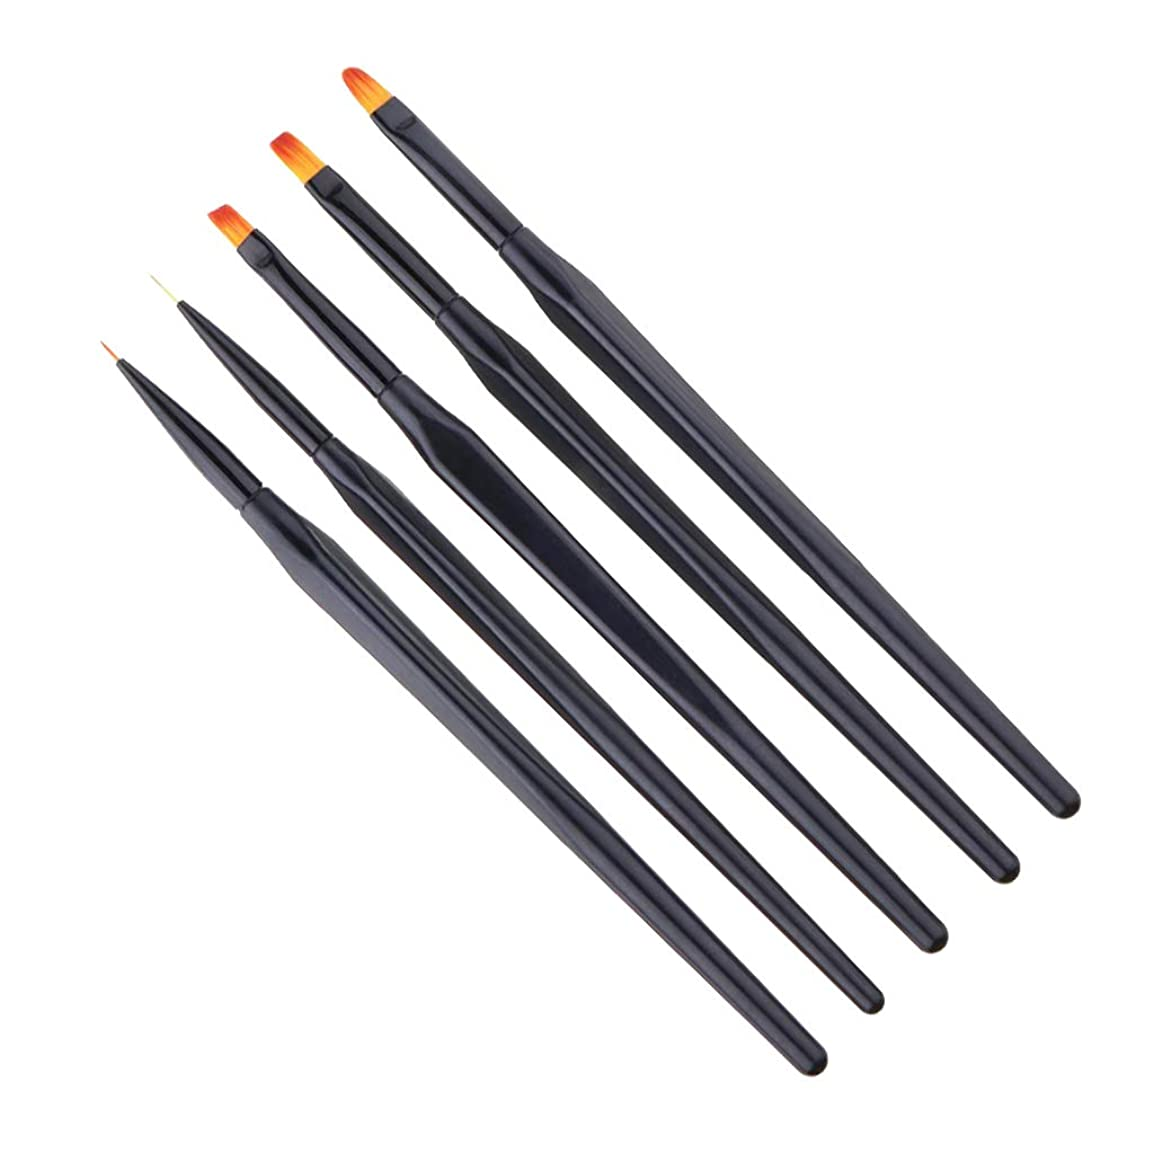 結晶ドール器用DYNWAVE ネイル ブラシ セット ネイル筆 ネイルアート ネイル塗装 合成繊維 プラスチック 全3種選択 - 5本UVジェルペン